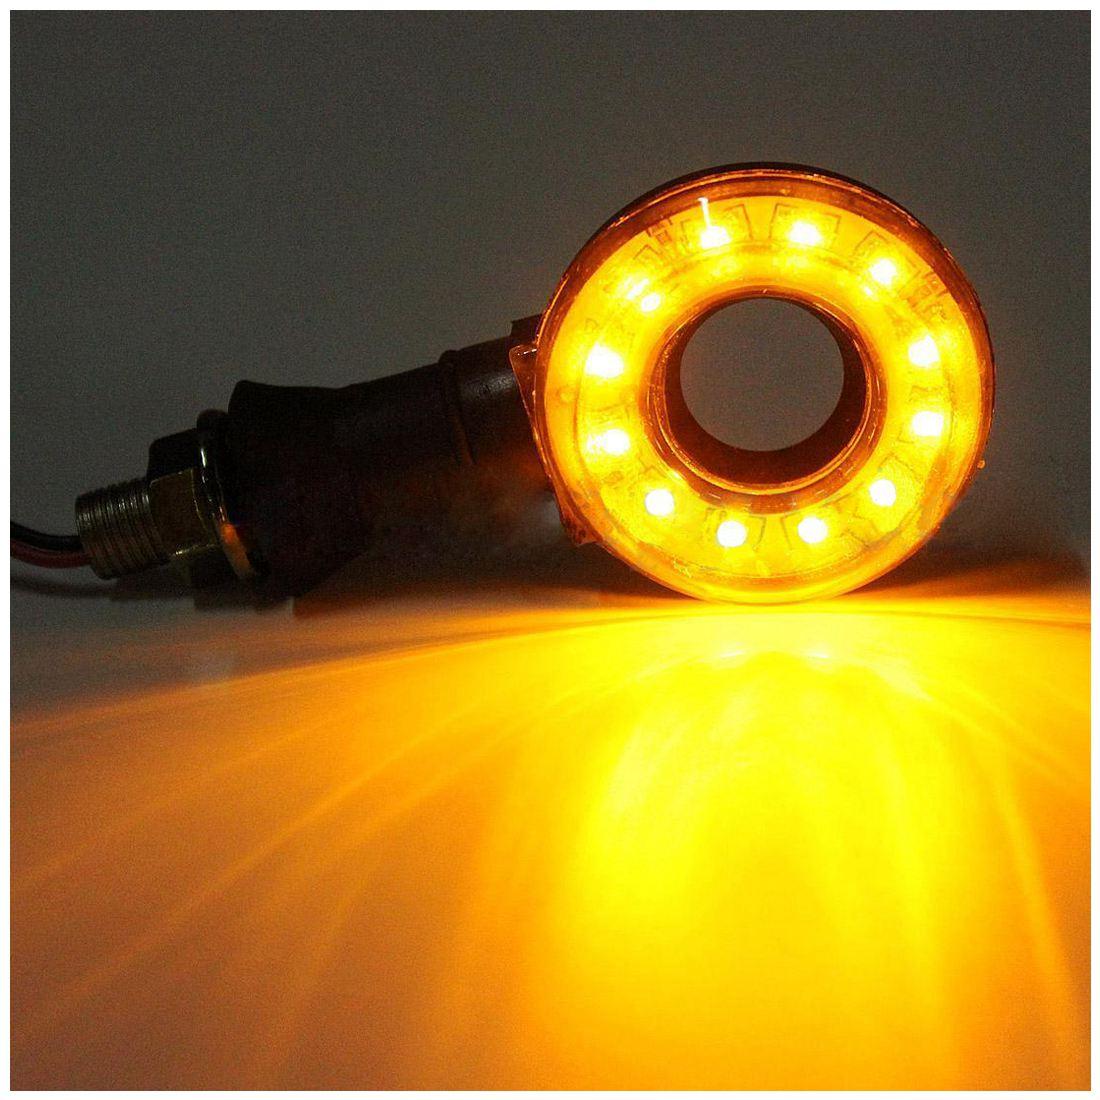 2X мотоциклов круглый полый светодиодный поворотники Индикатор мигалки Amber лампы 12 В